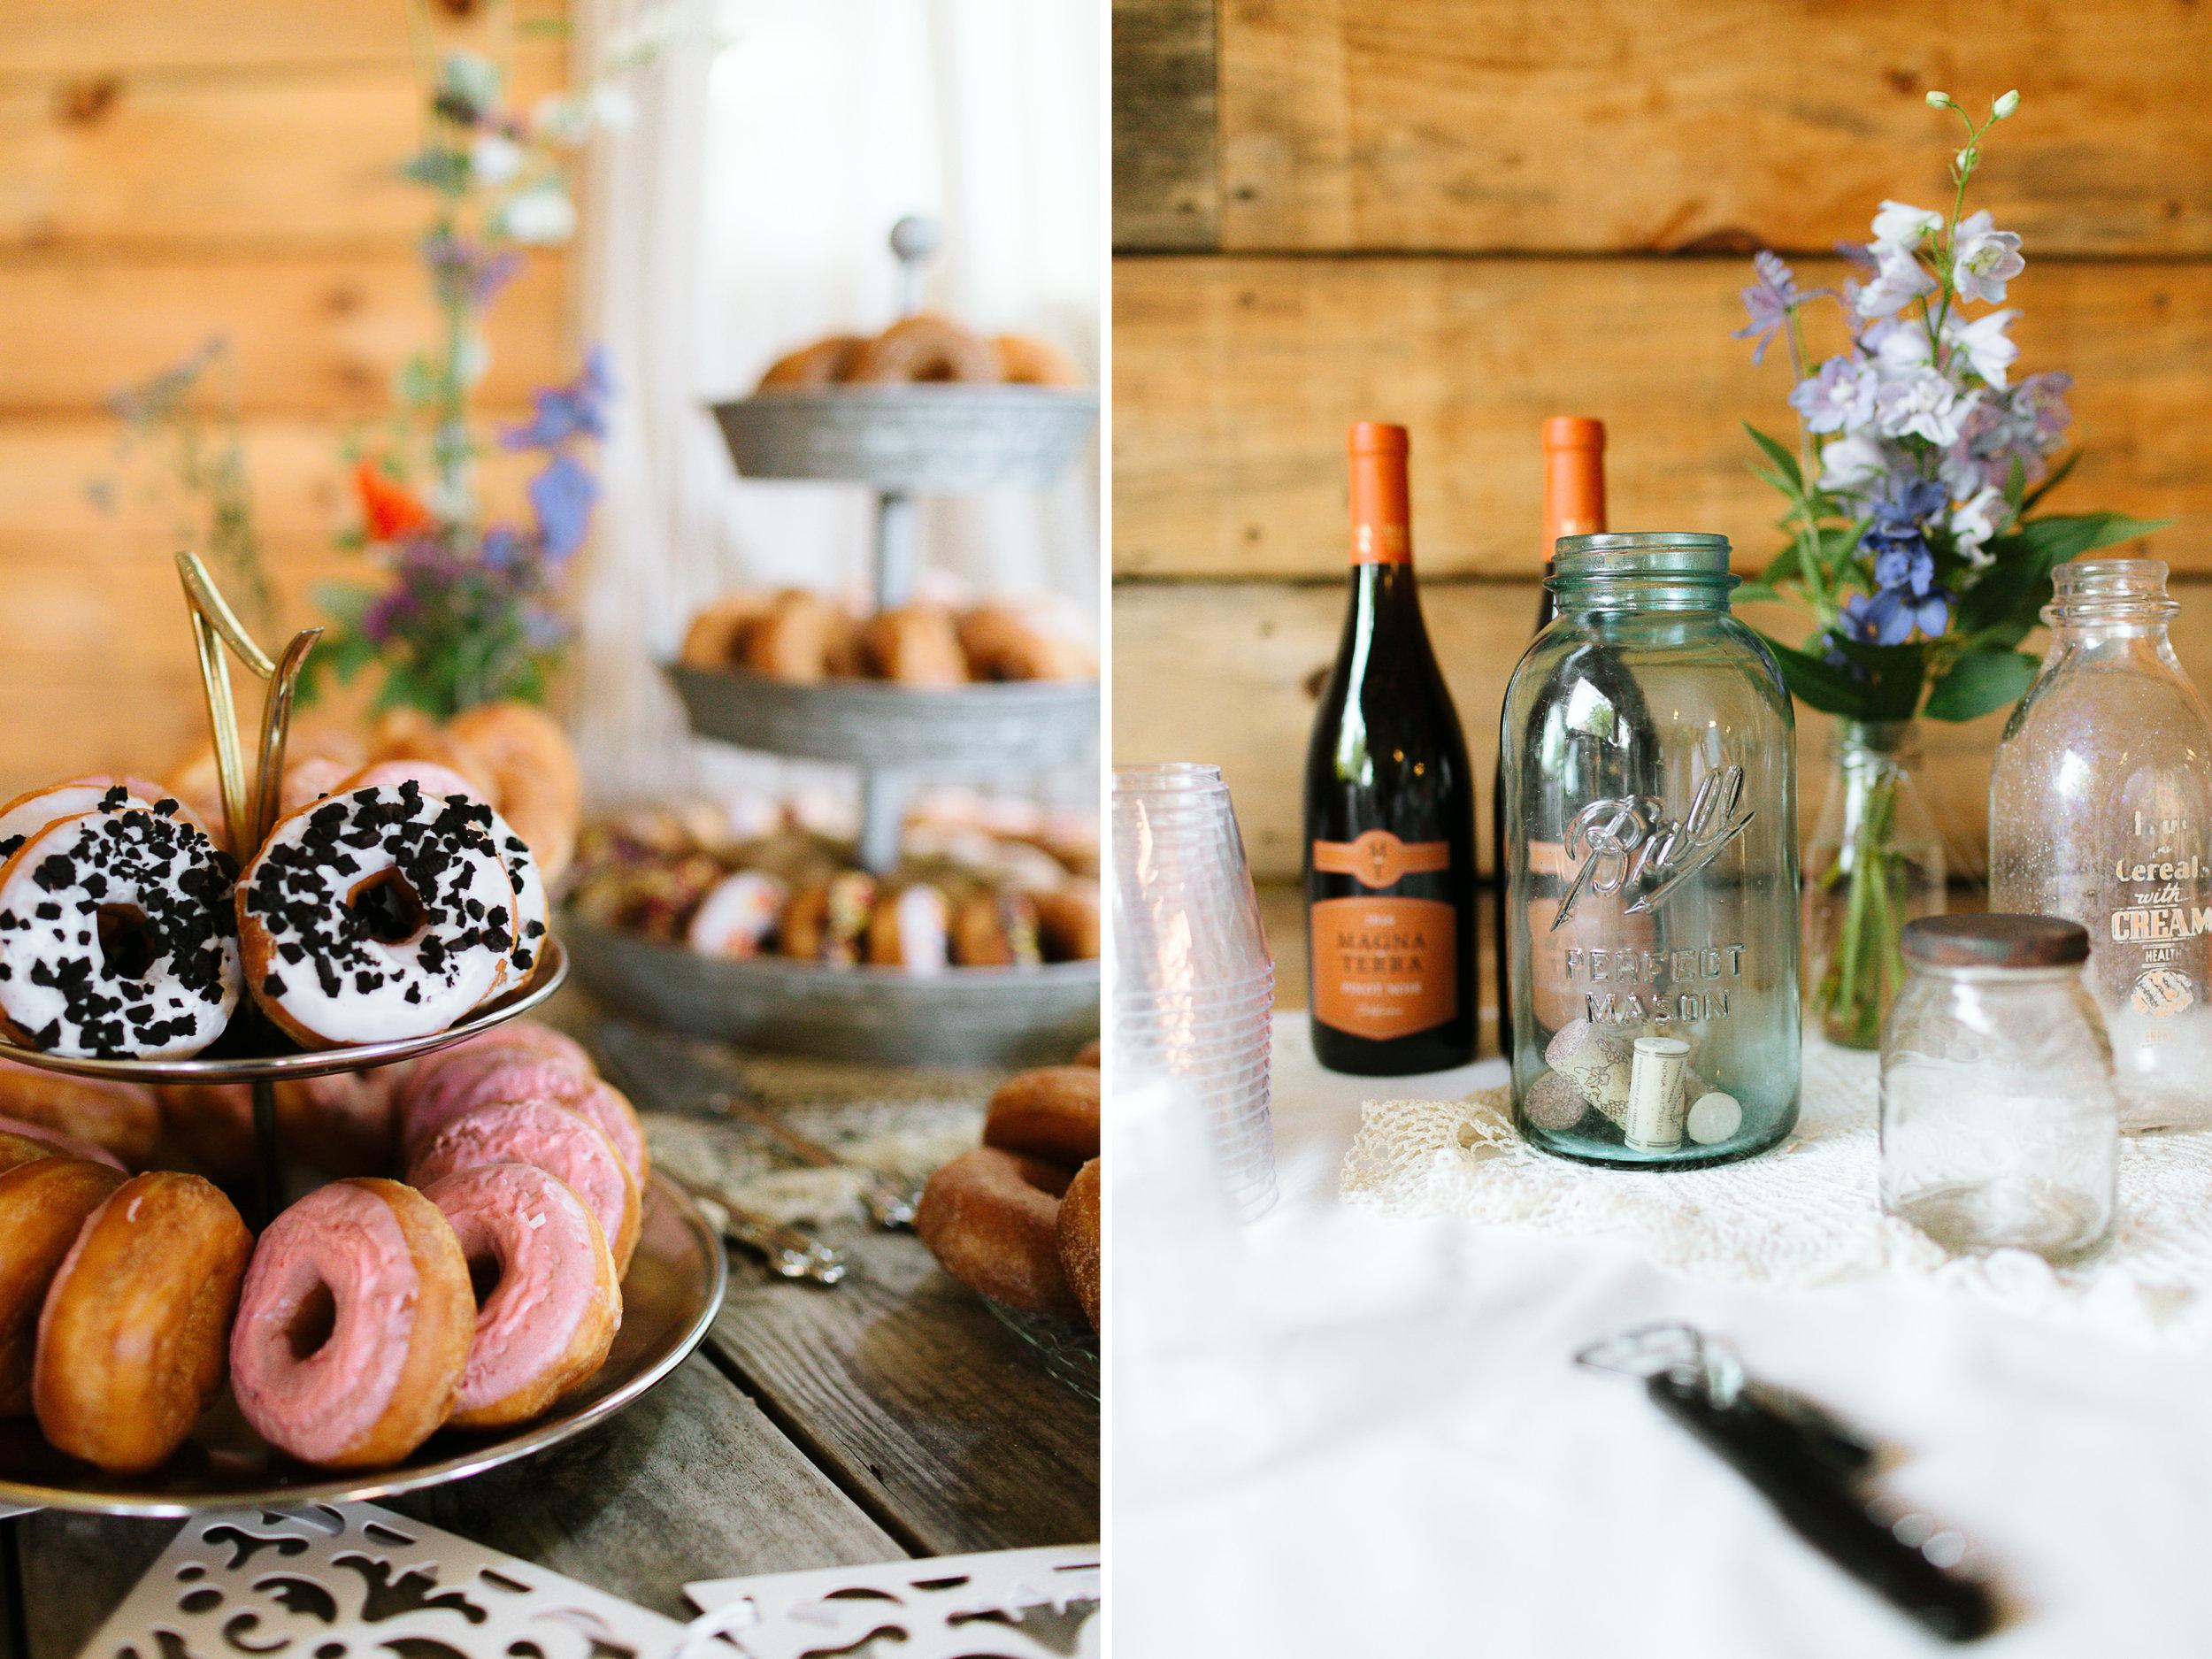 wedding-details-donuts-wine